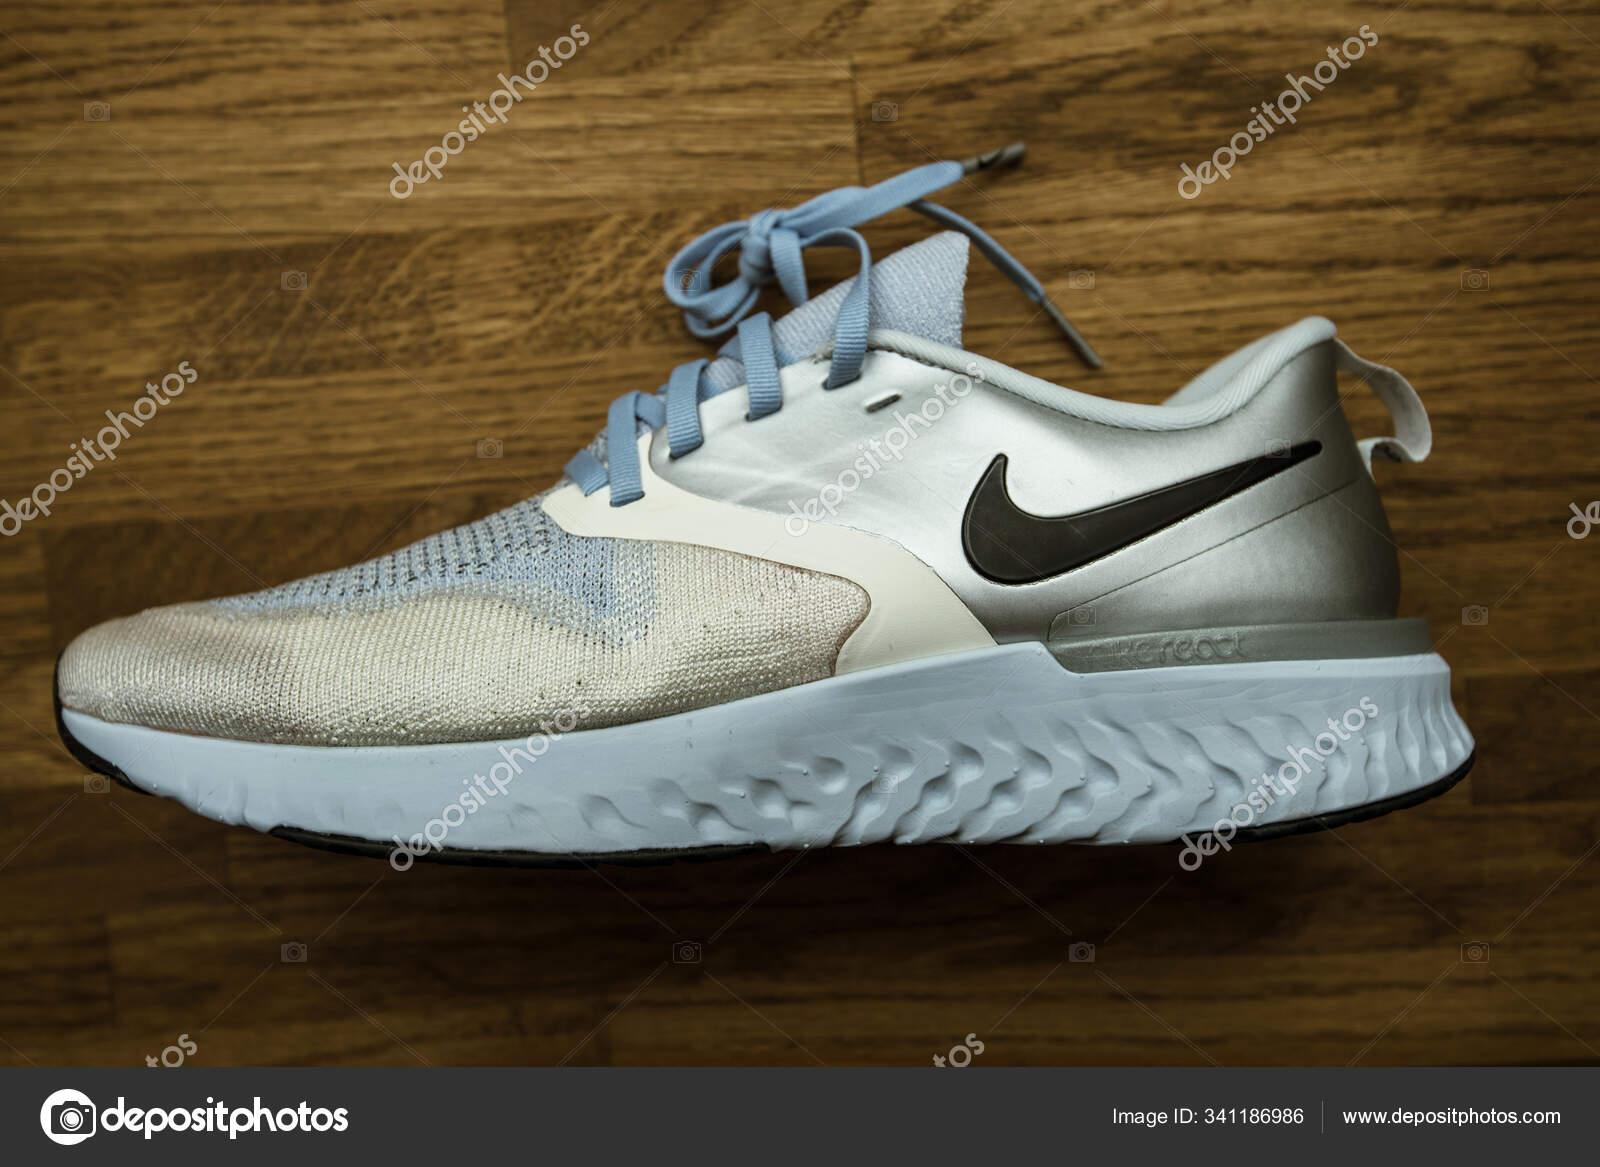 Nike model Odyssey React Flyknit